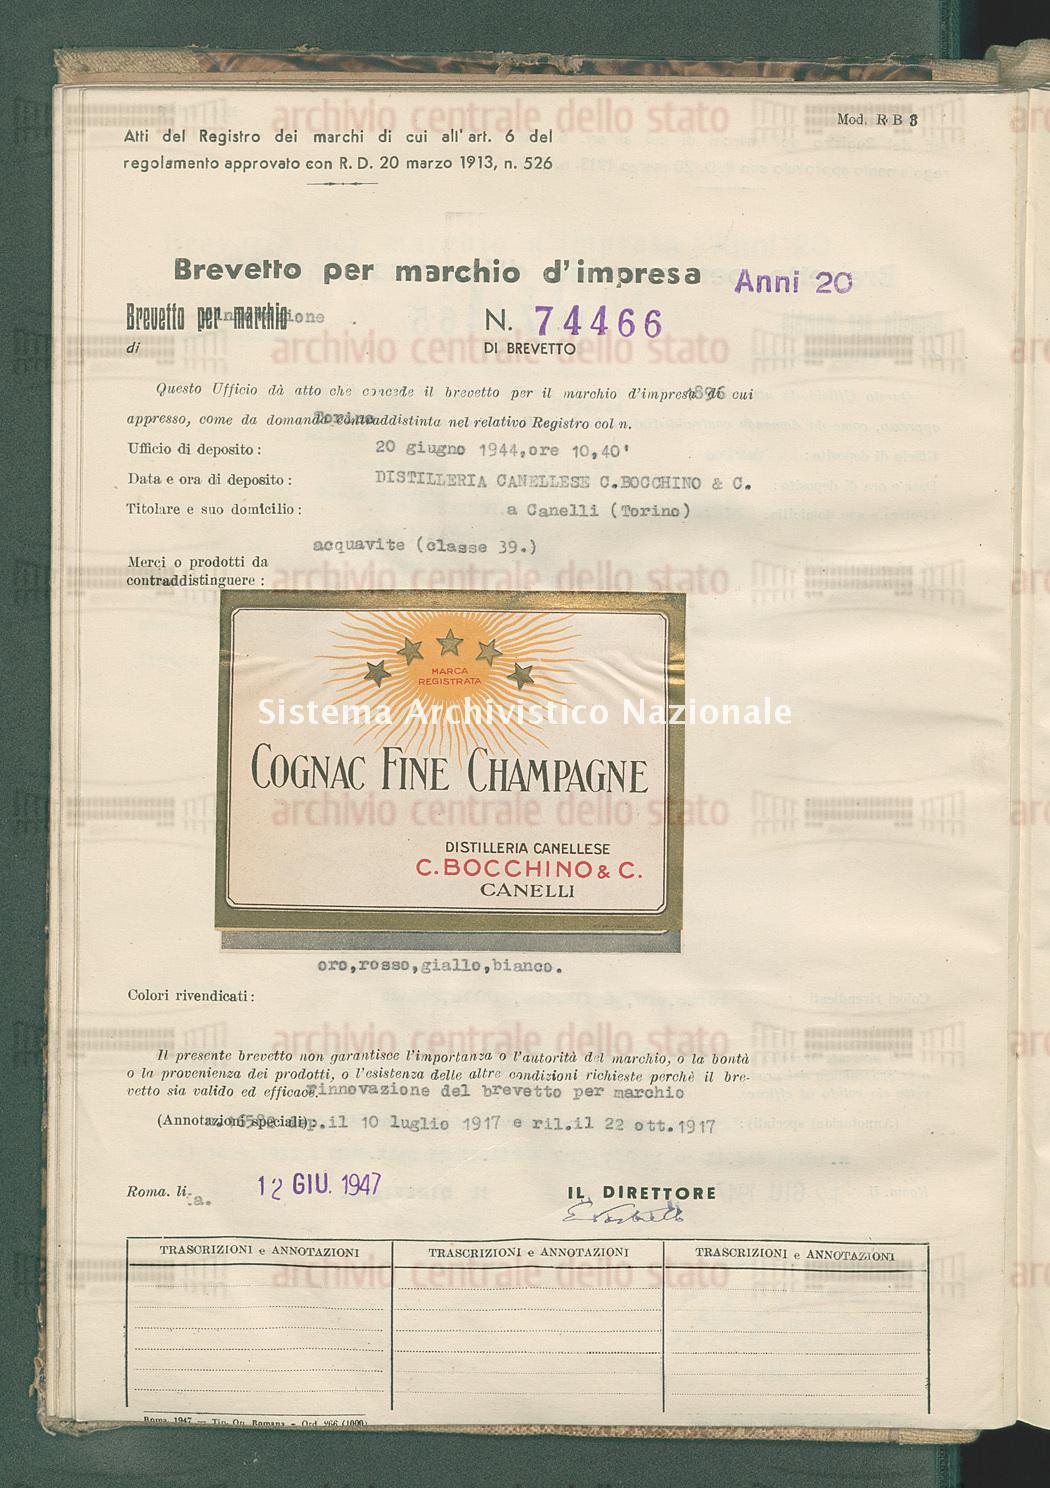 Acquavite Distilleria Canellese C. Bocchino & C. (12/06/1947)